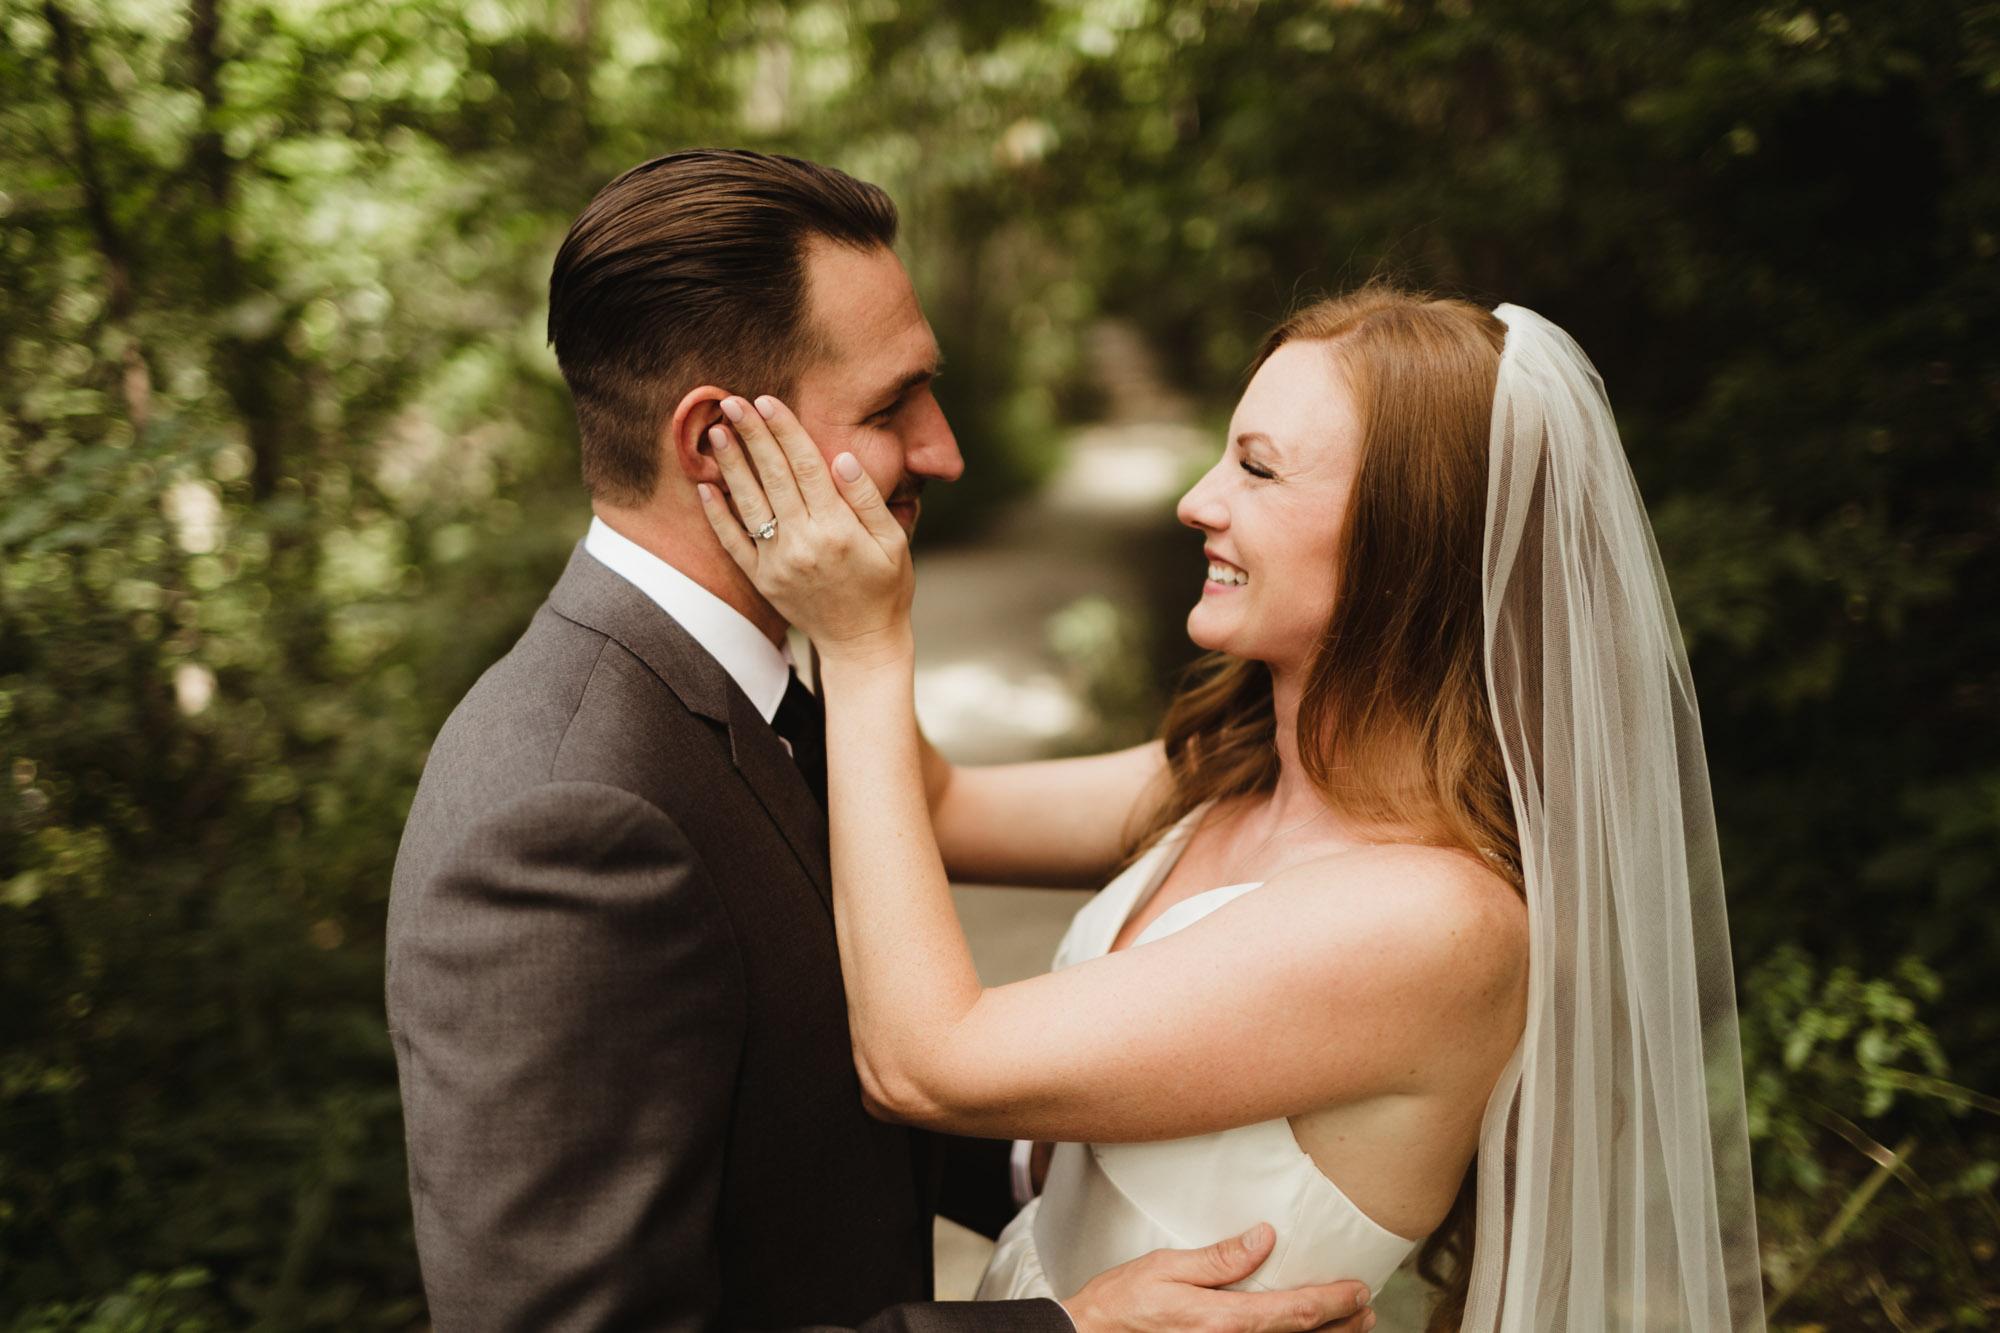 elmwood-park-wedding-photographer-nicole-jon-11.jpg